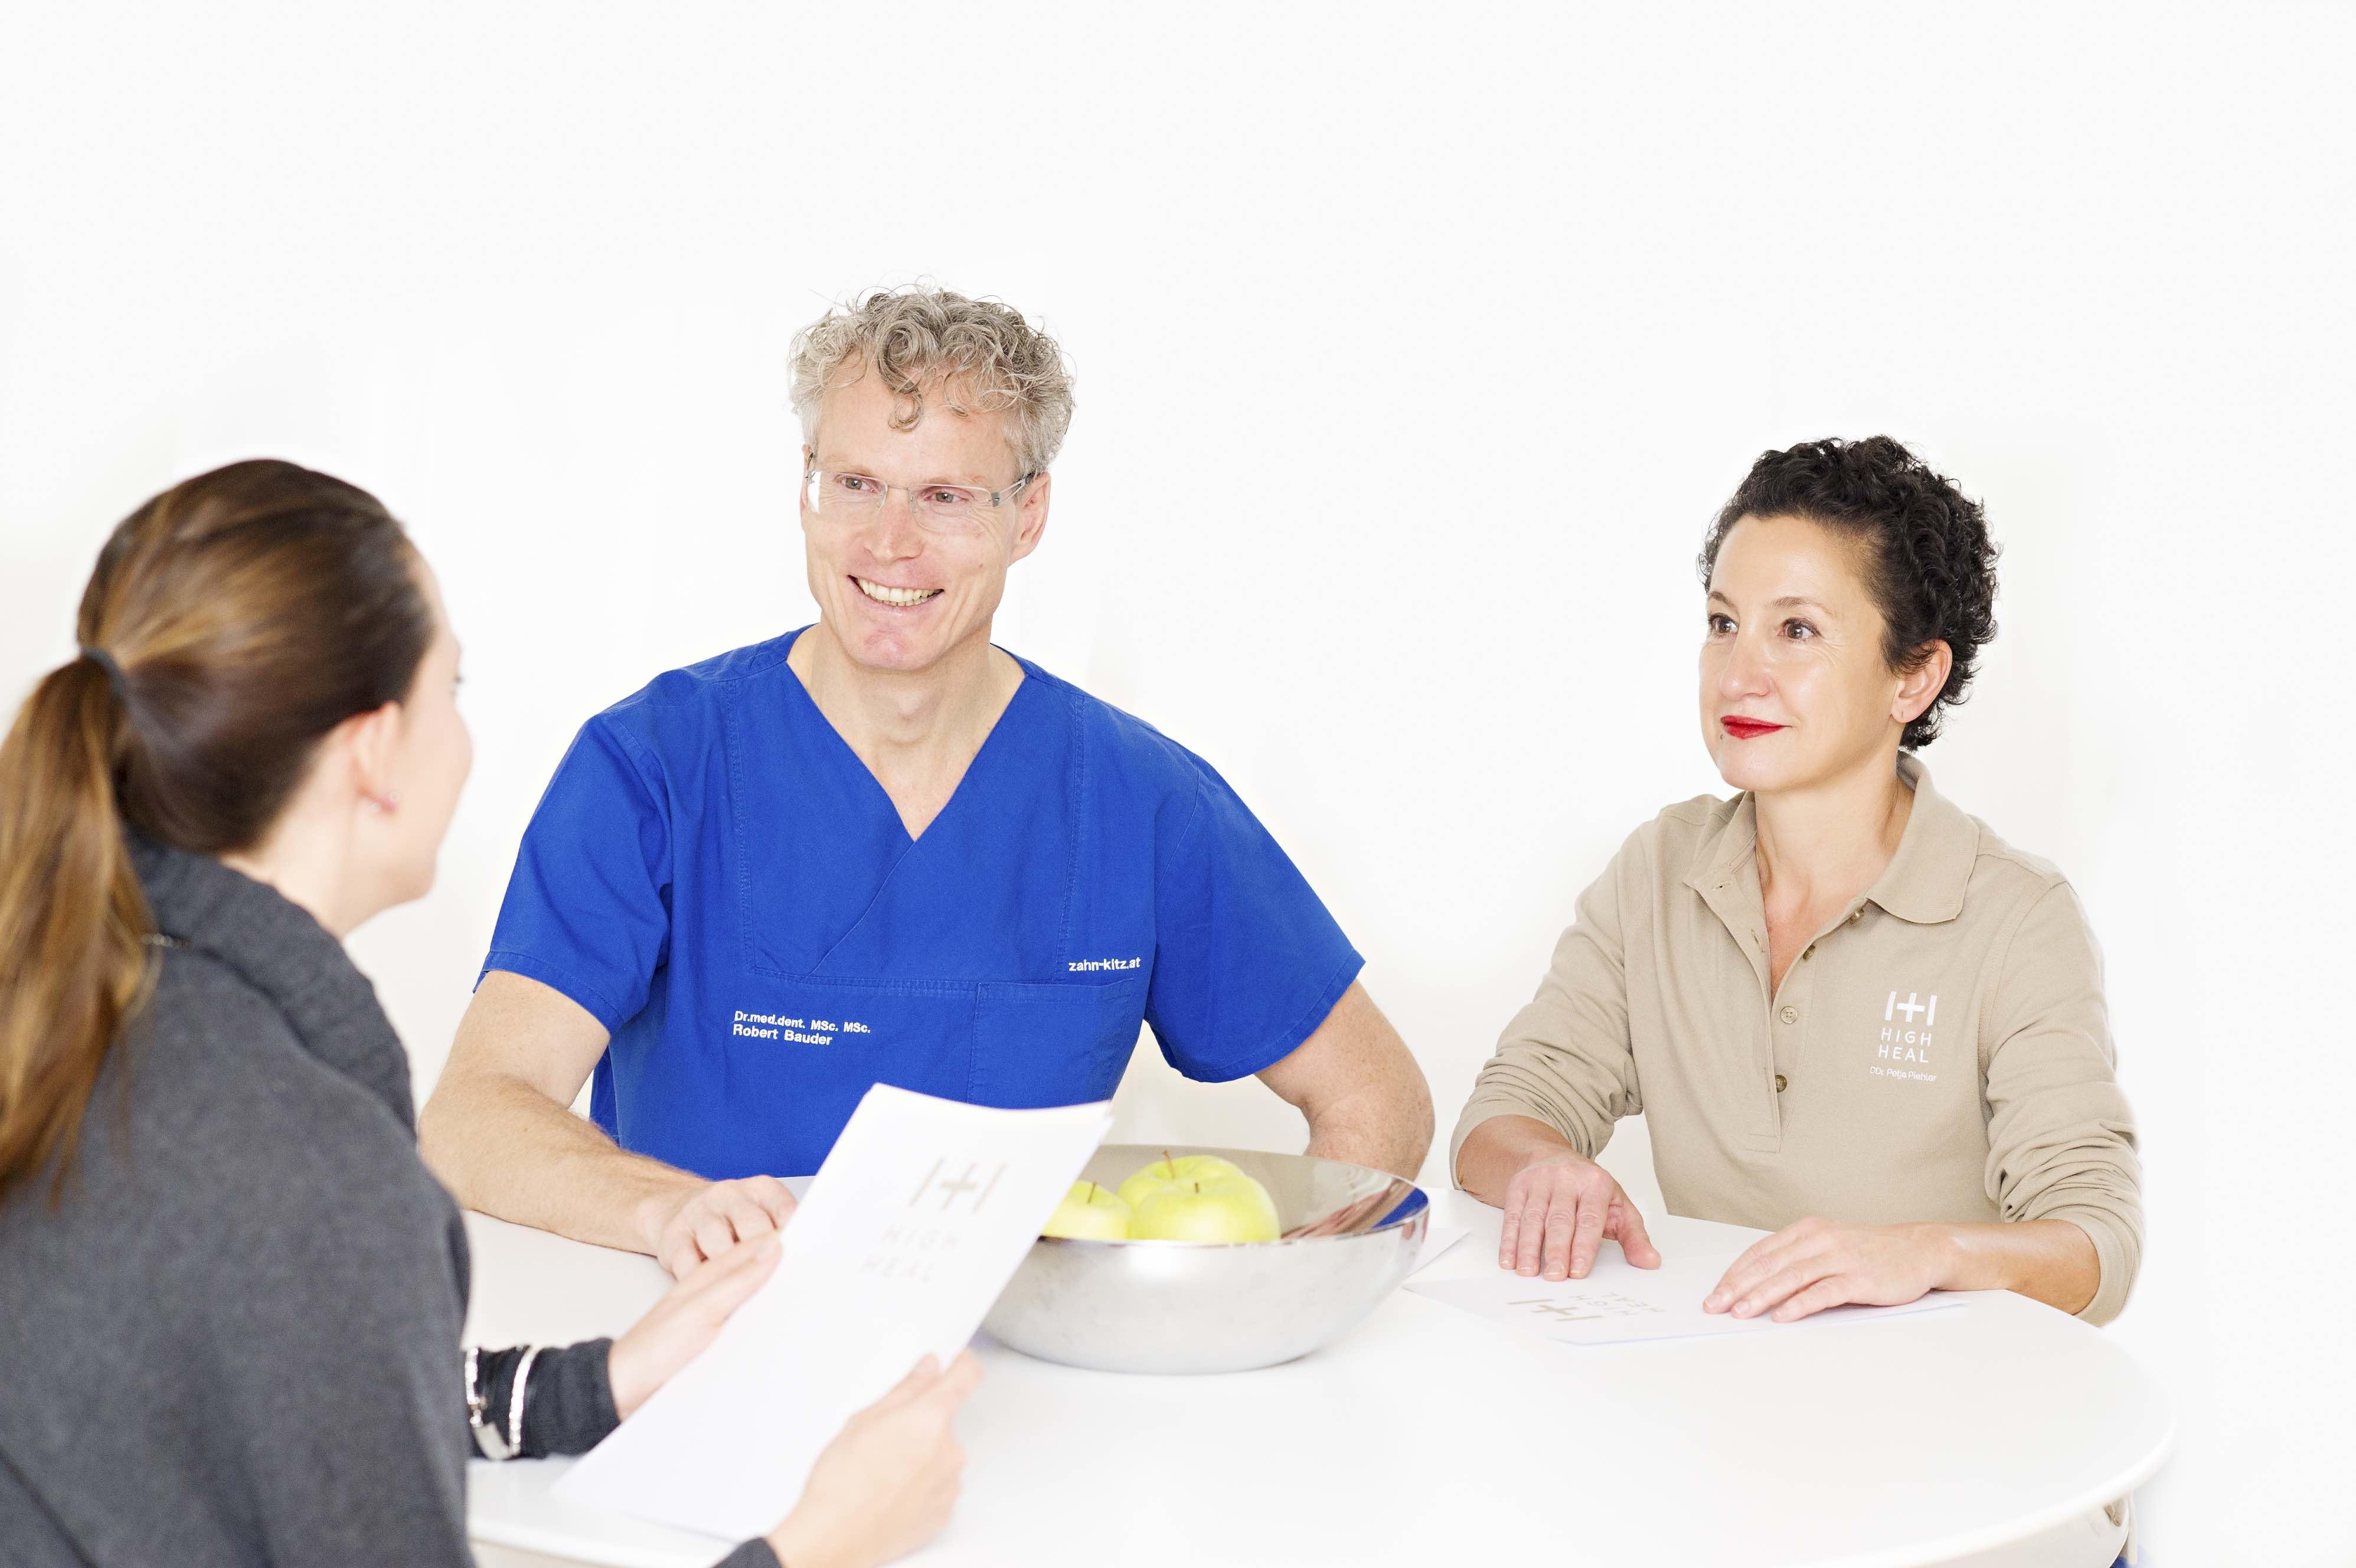 Gespräch Arzt Therapeut Patient Team Umsetzung Therapie Gesundheitsprogramm